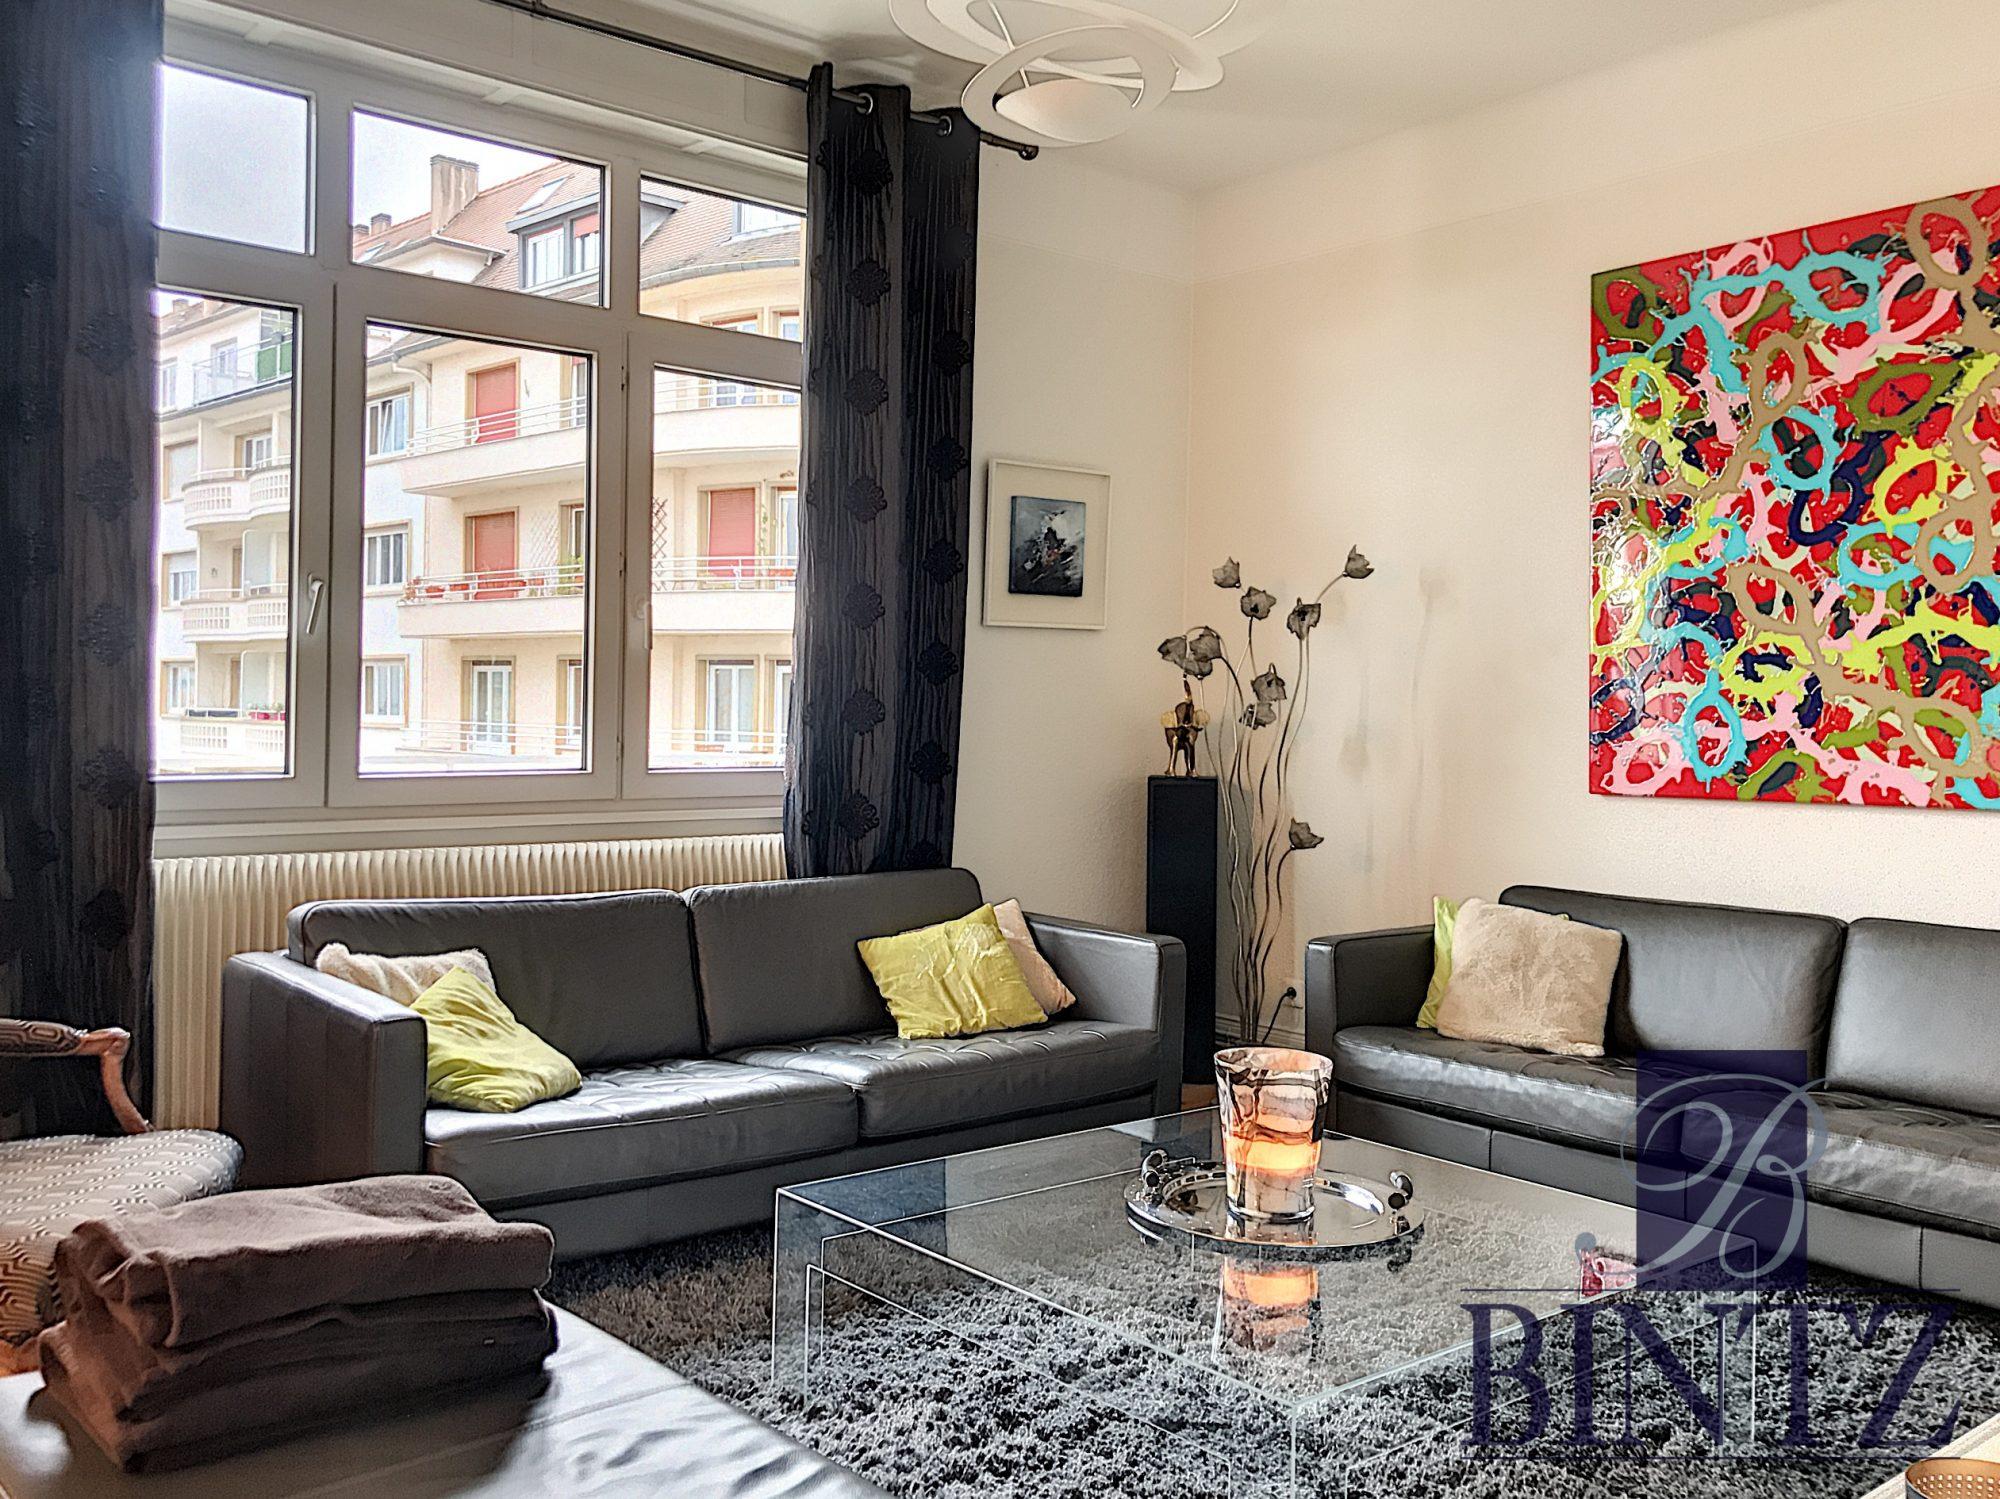 Très beau 8 pièces à l'Orangerie - Devenez locataire en toute sérénité - Bintz Immobilier - 1